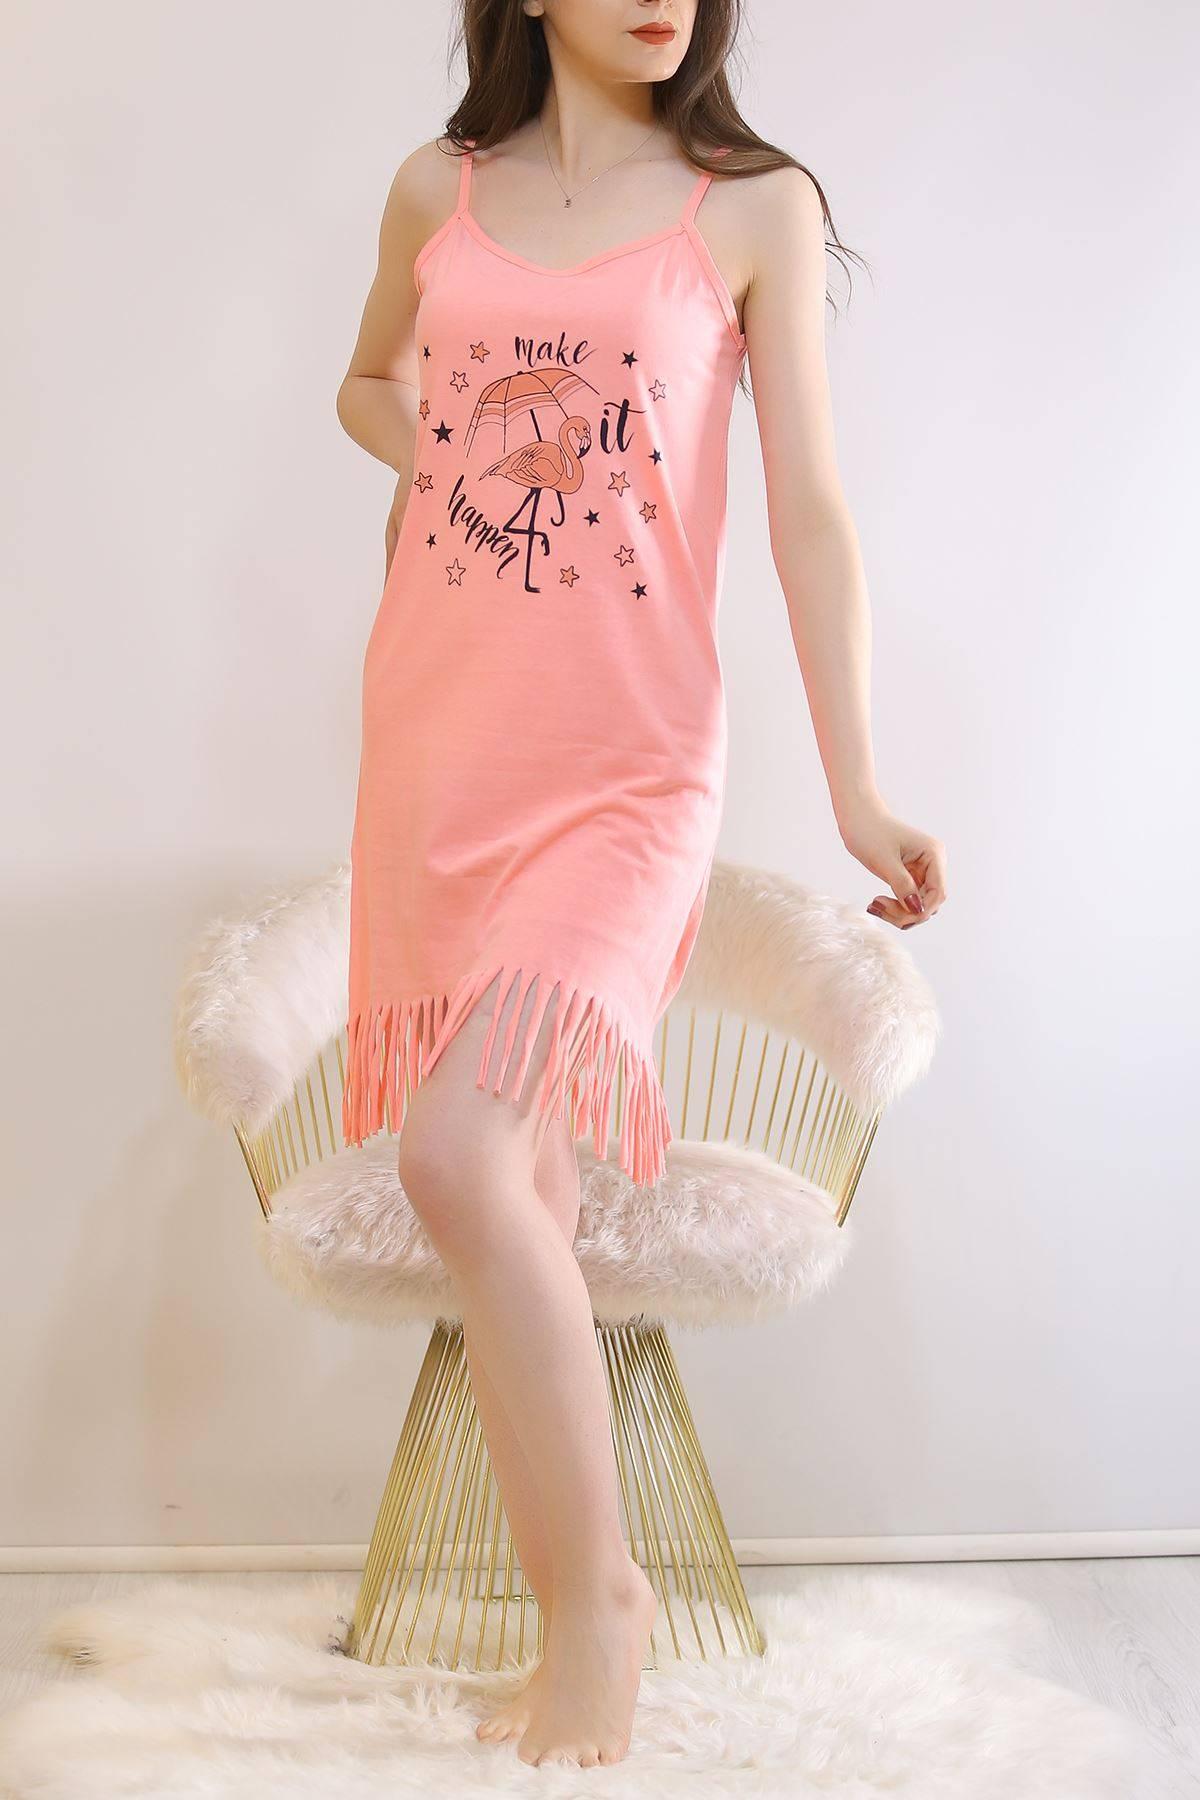 İp Askılı Elbise Koyupudra1 - 5996.1287.